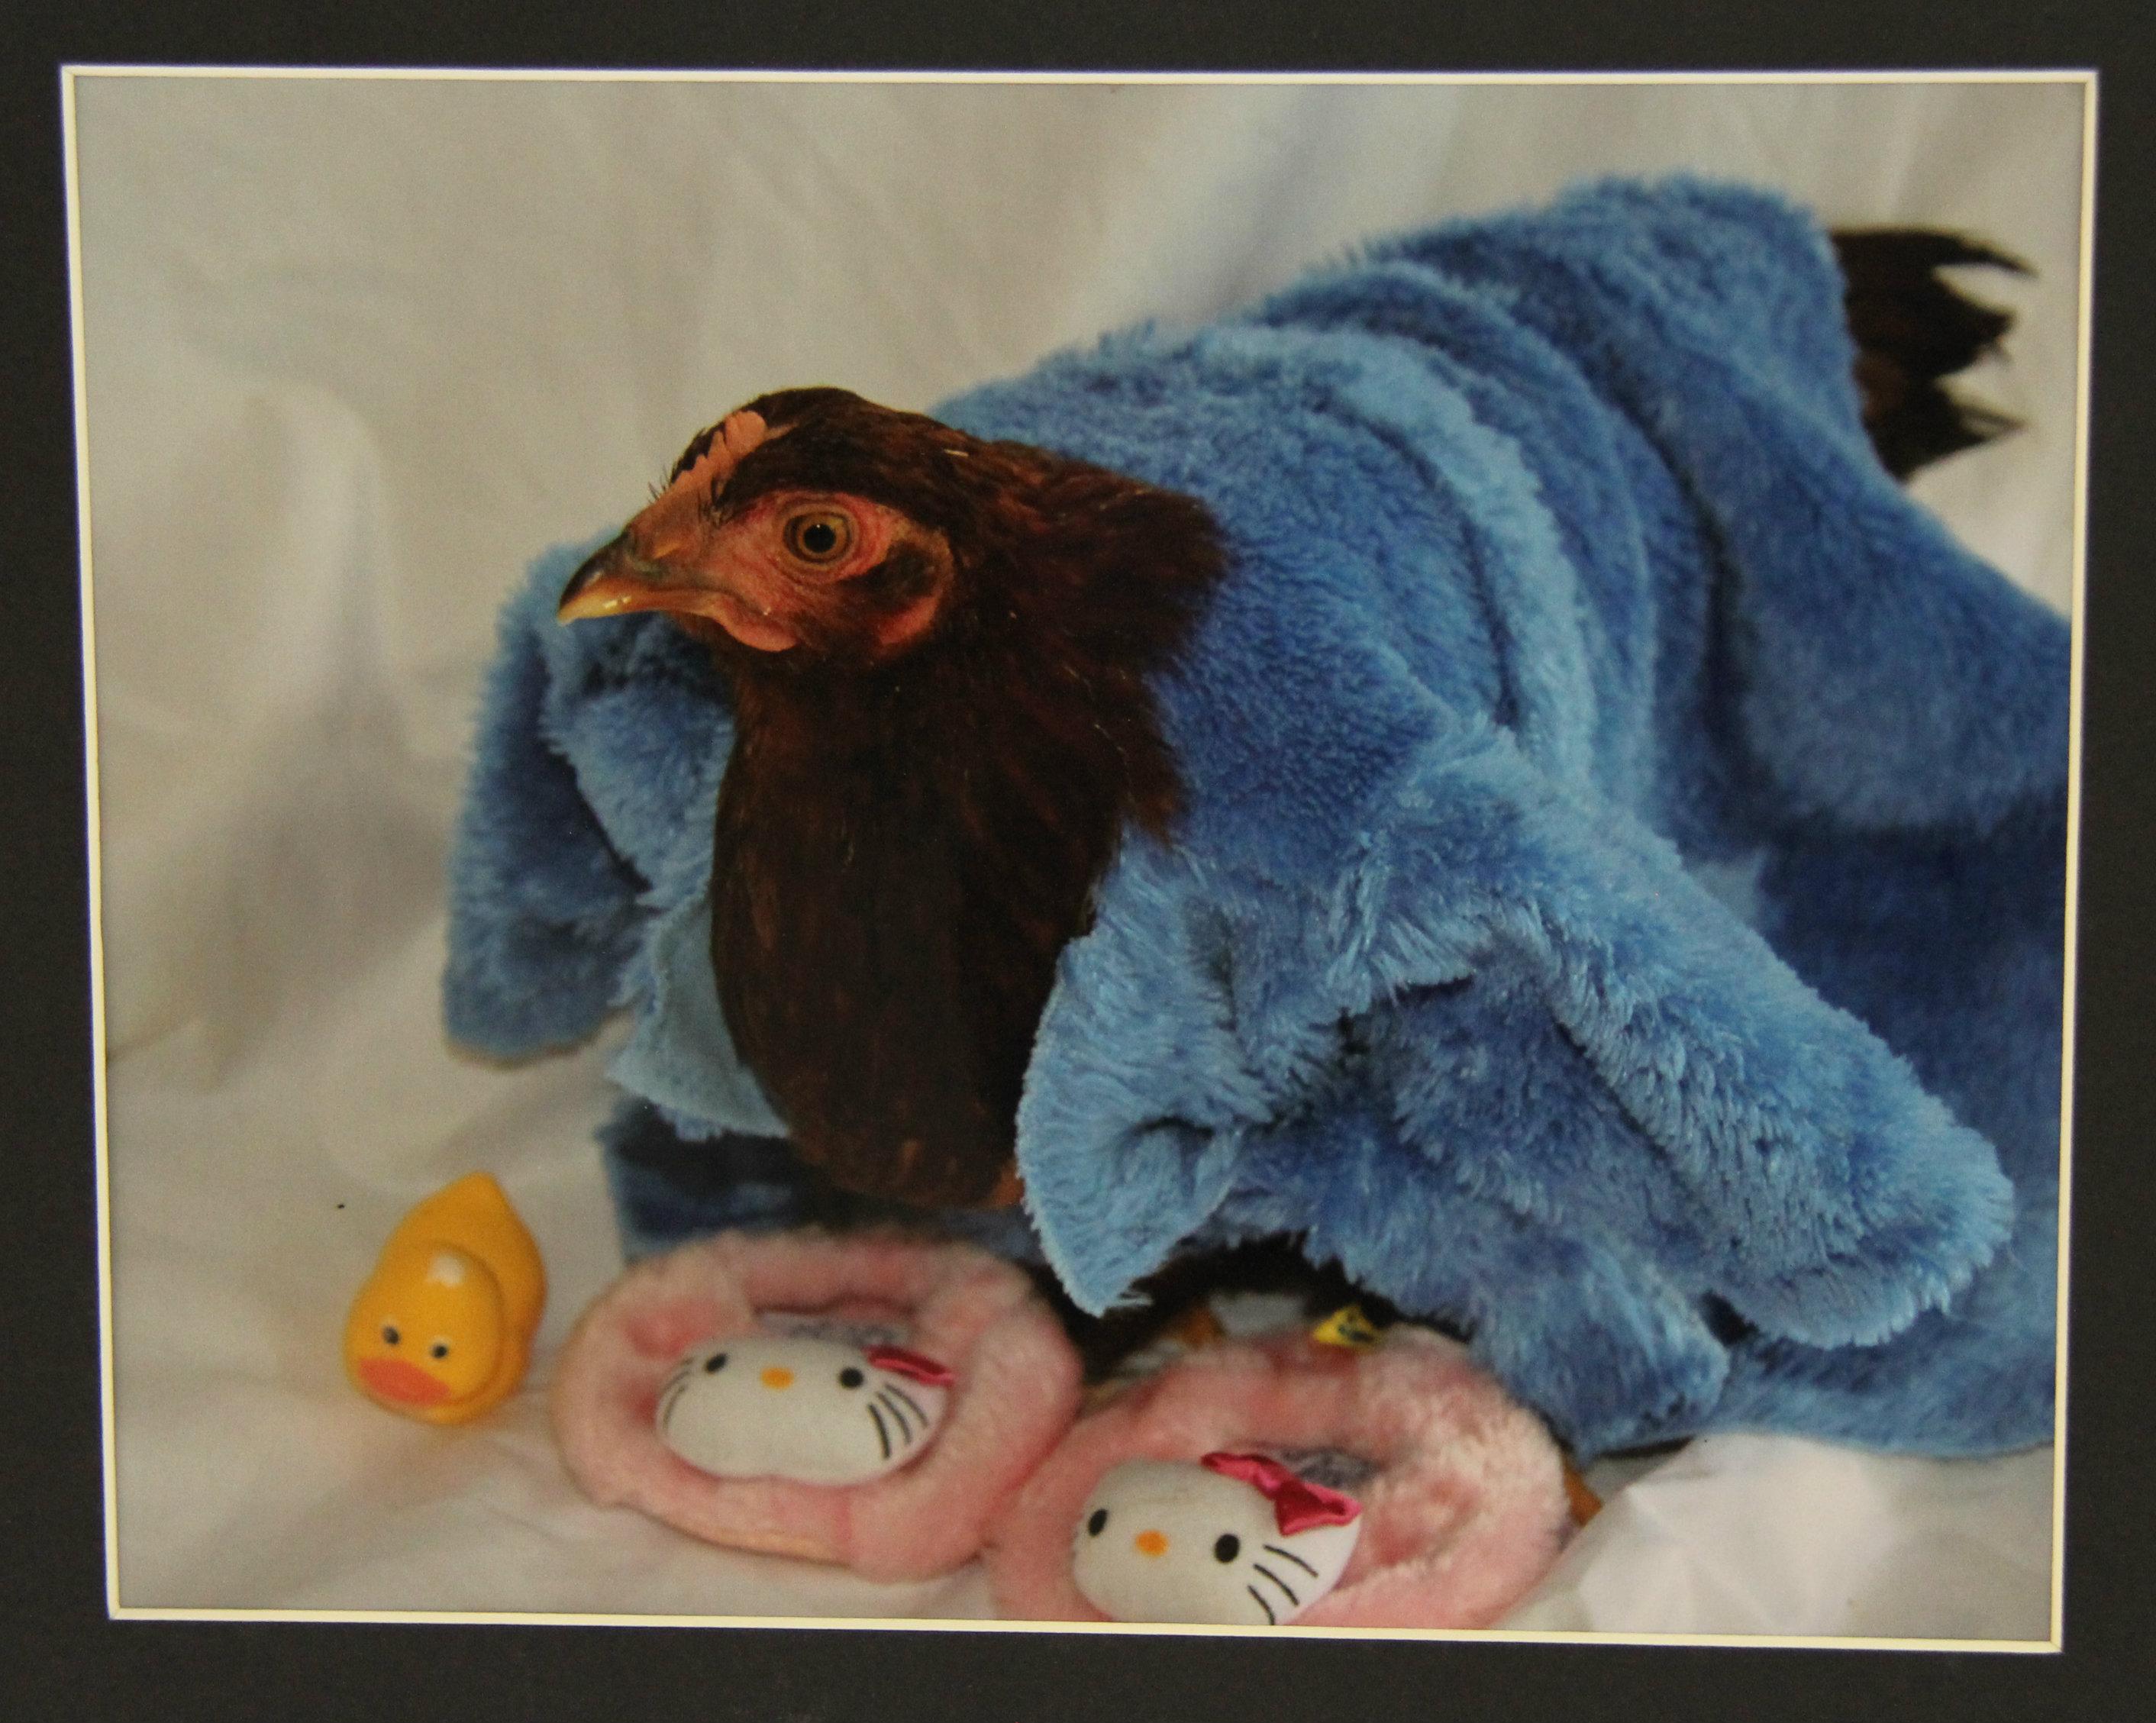 8- avian flu poultry show hello kitty 2